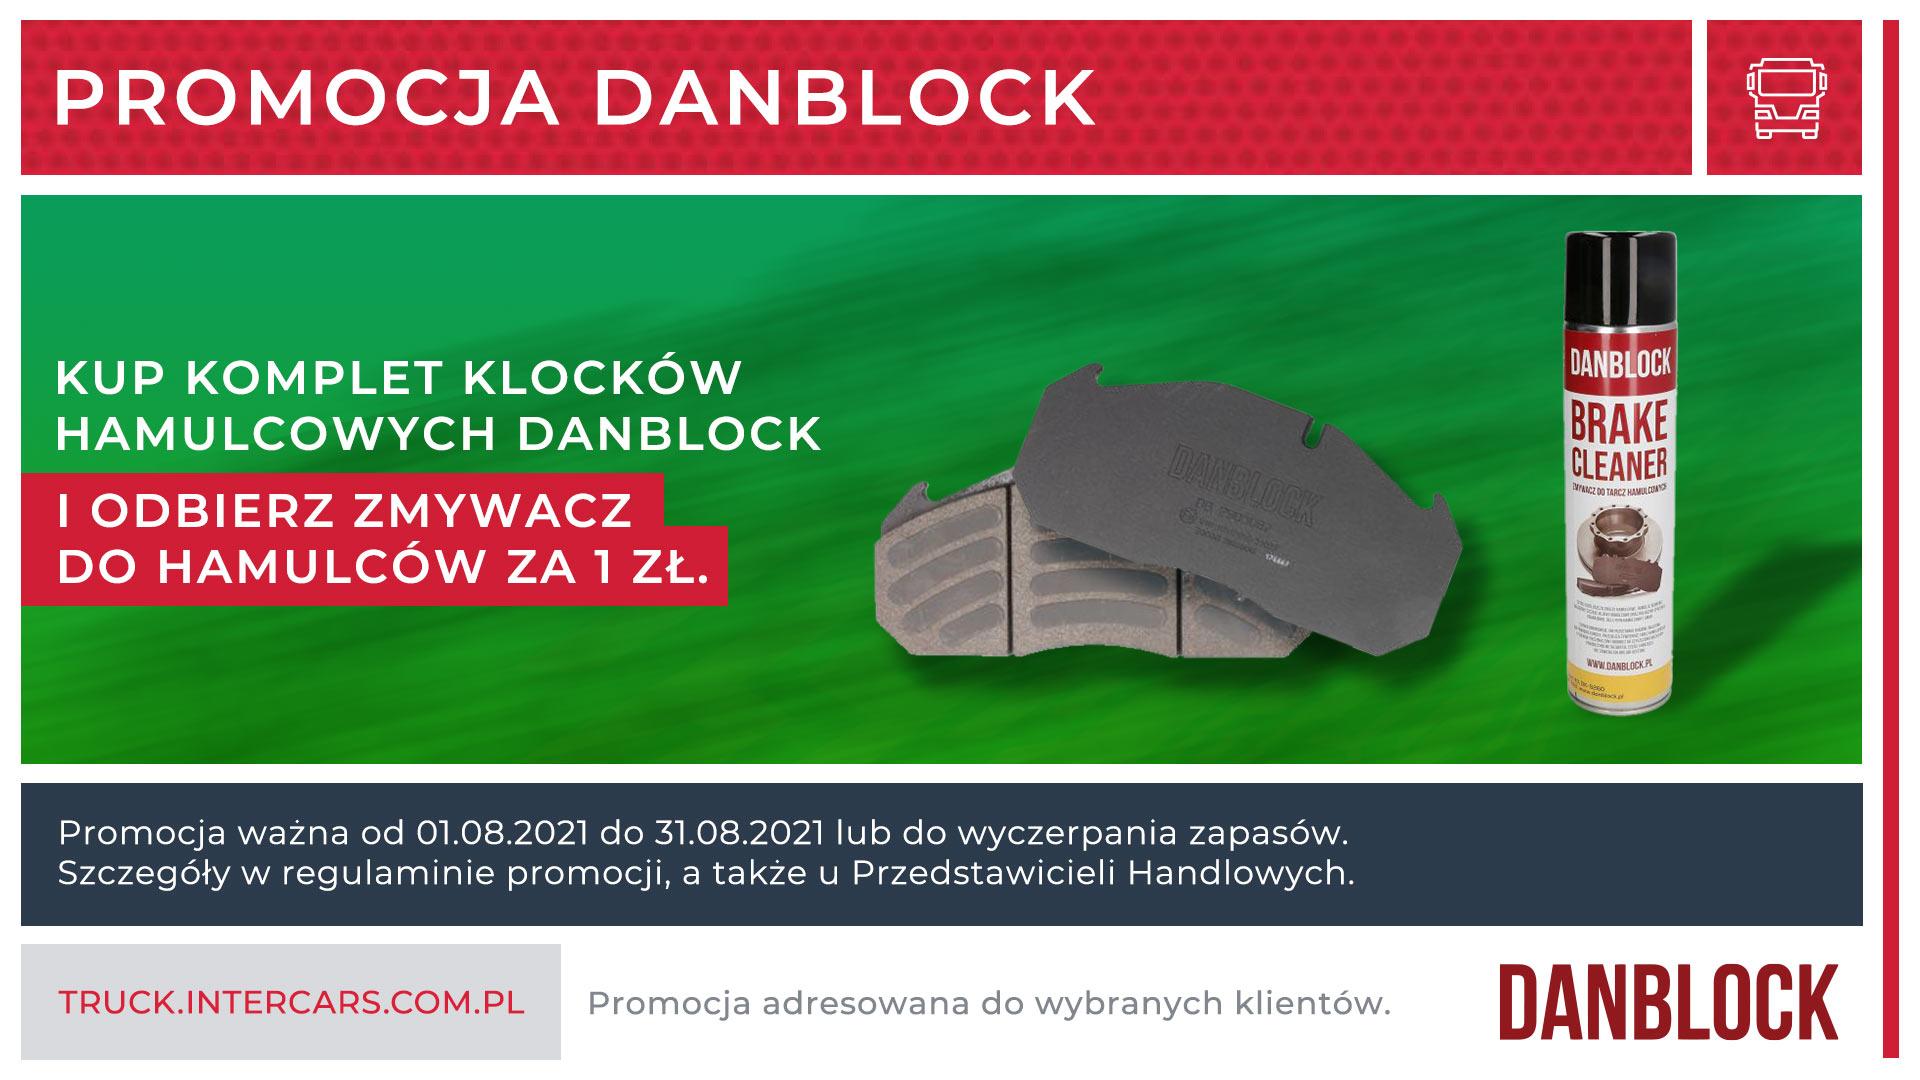 Danblock_odbierz_zmywacz do_hamulców_za_1_zl_1920X1080.jpg